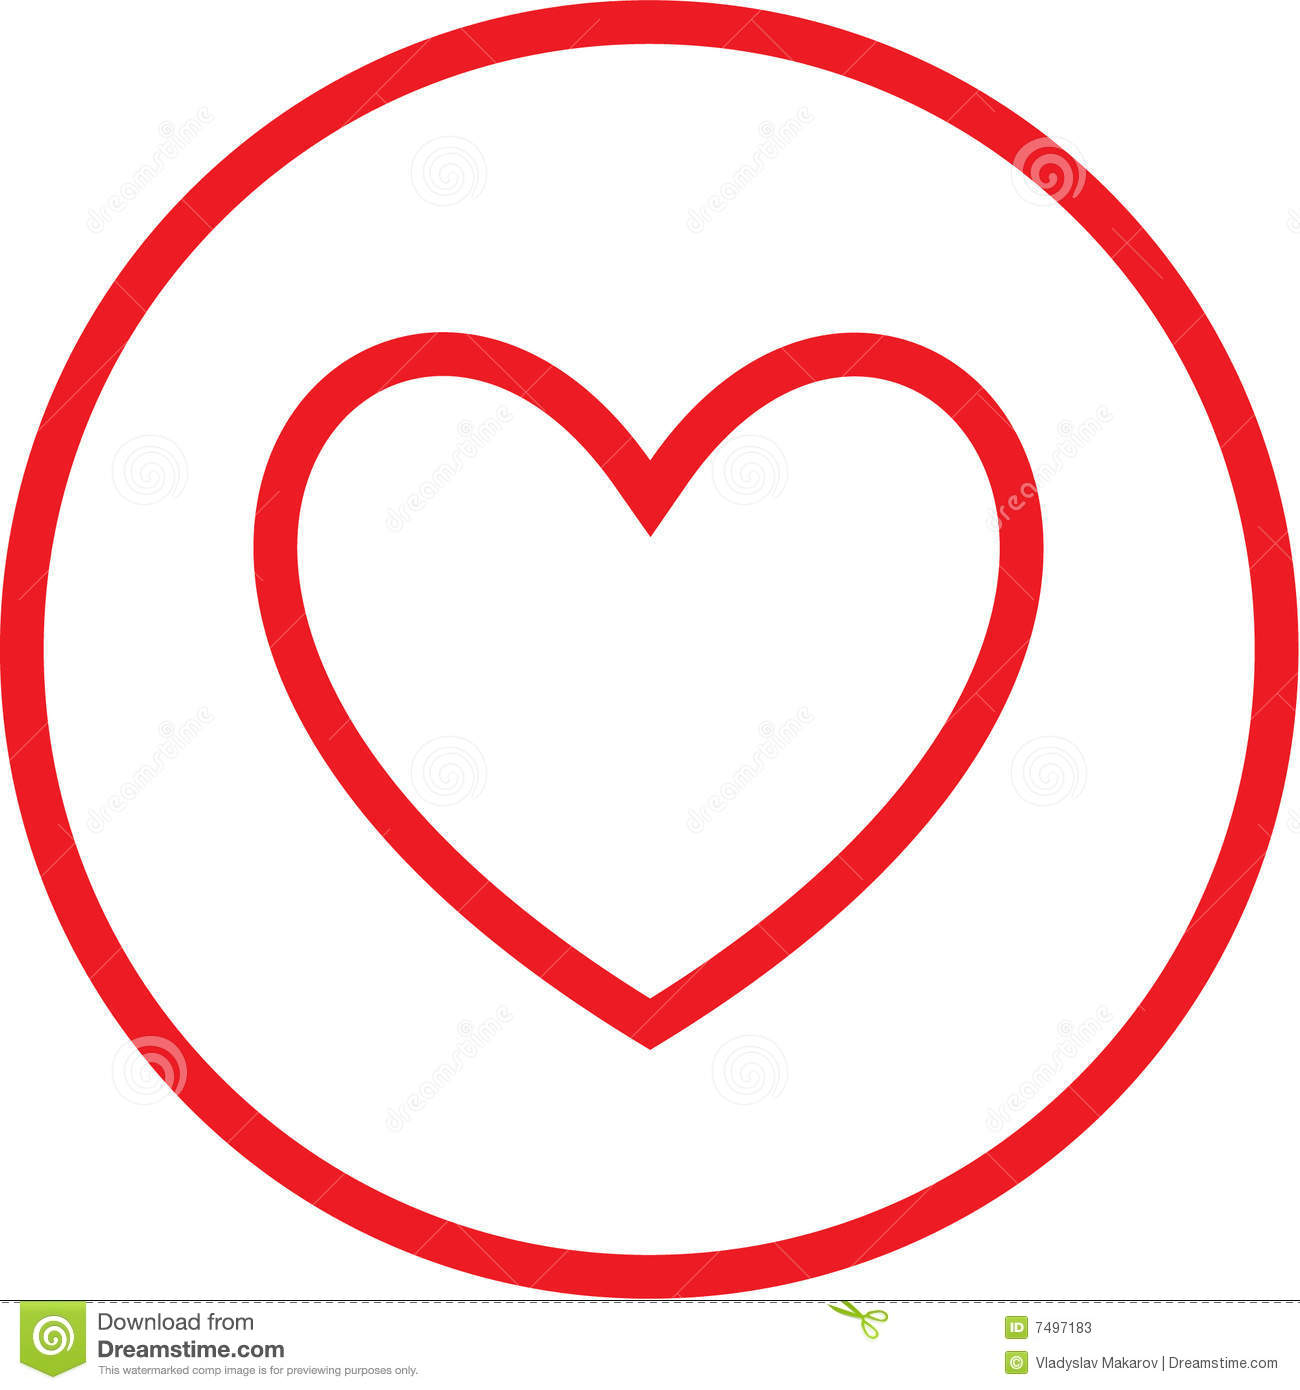 Vector Heart with Arrow